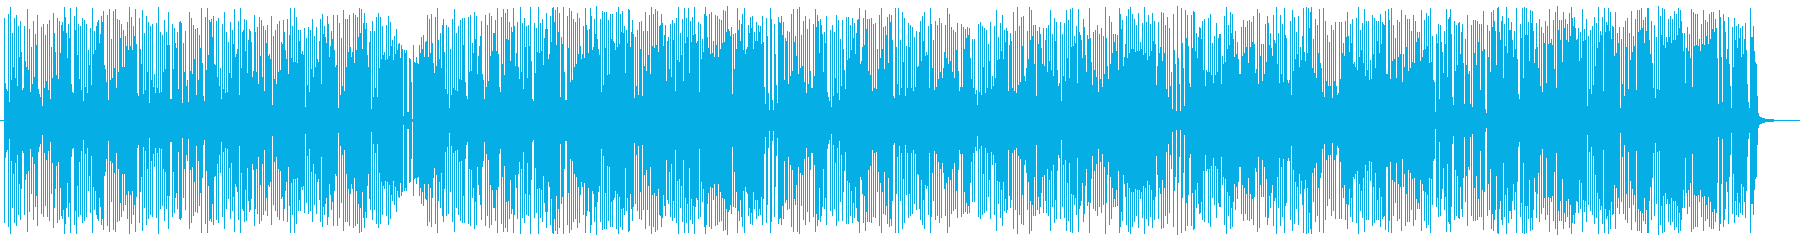 渋めでお洒落なオルガンブルースの再生済みの波形